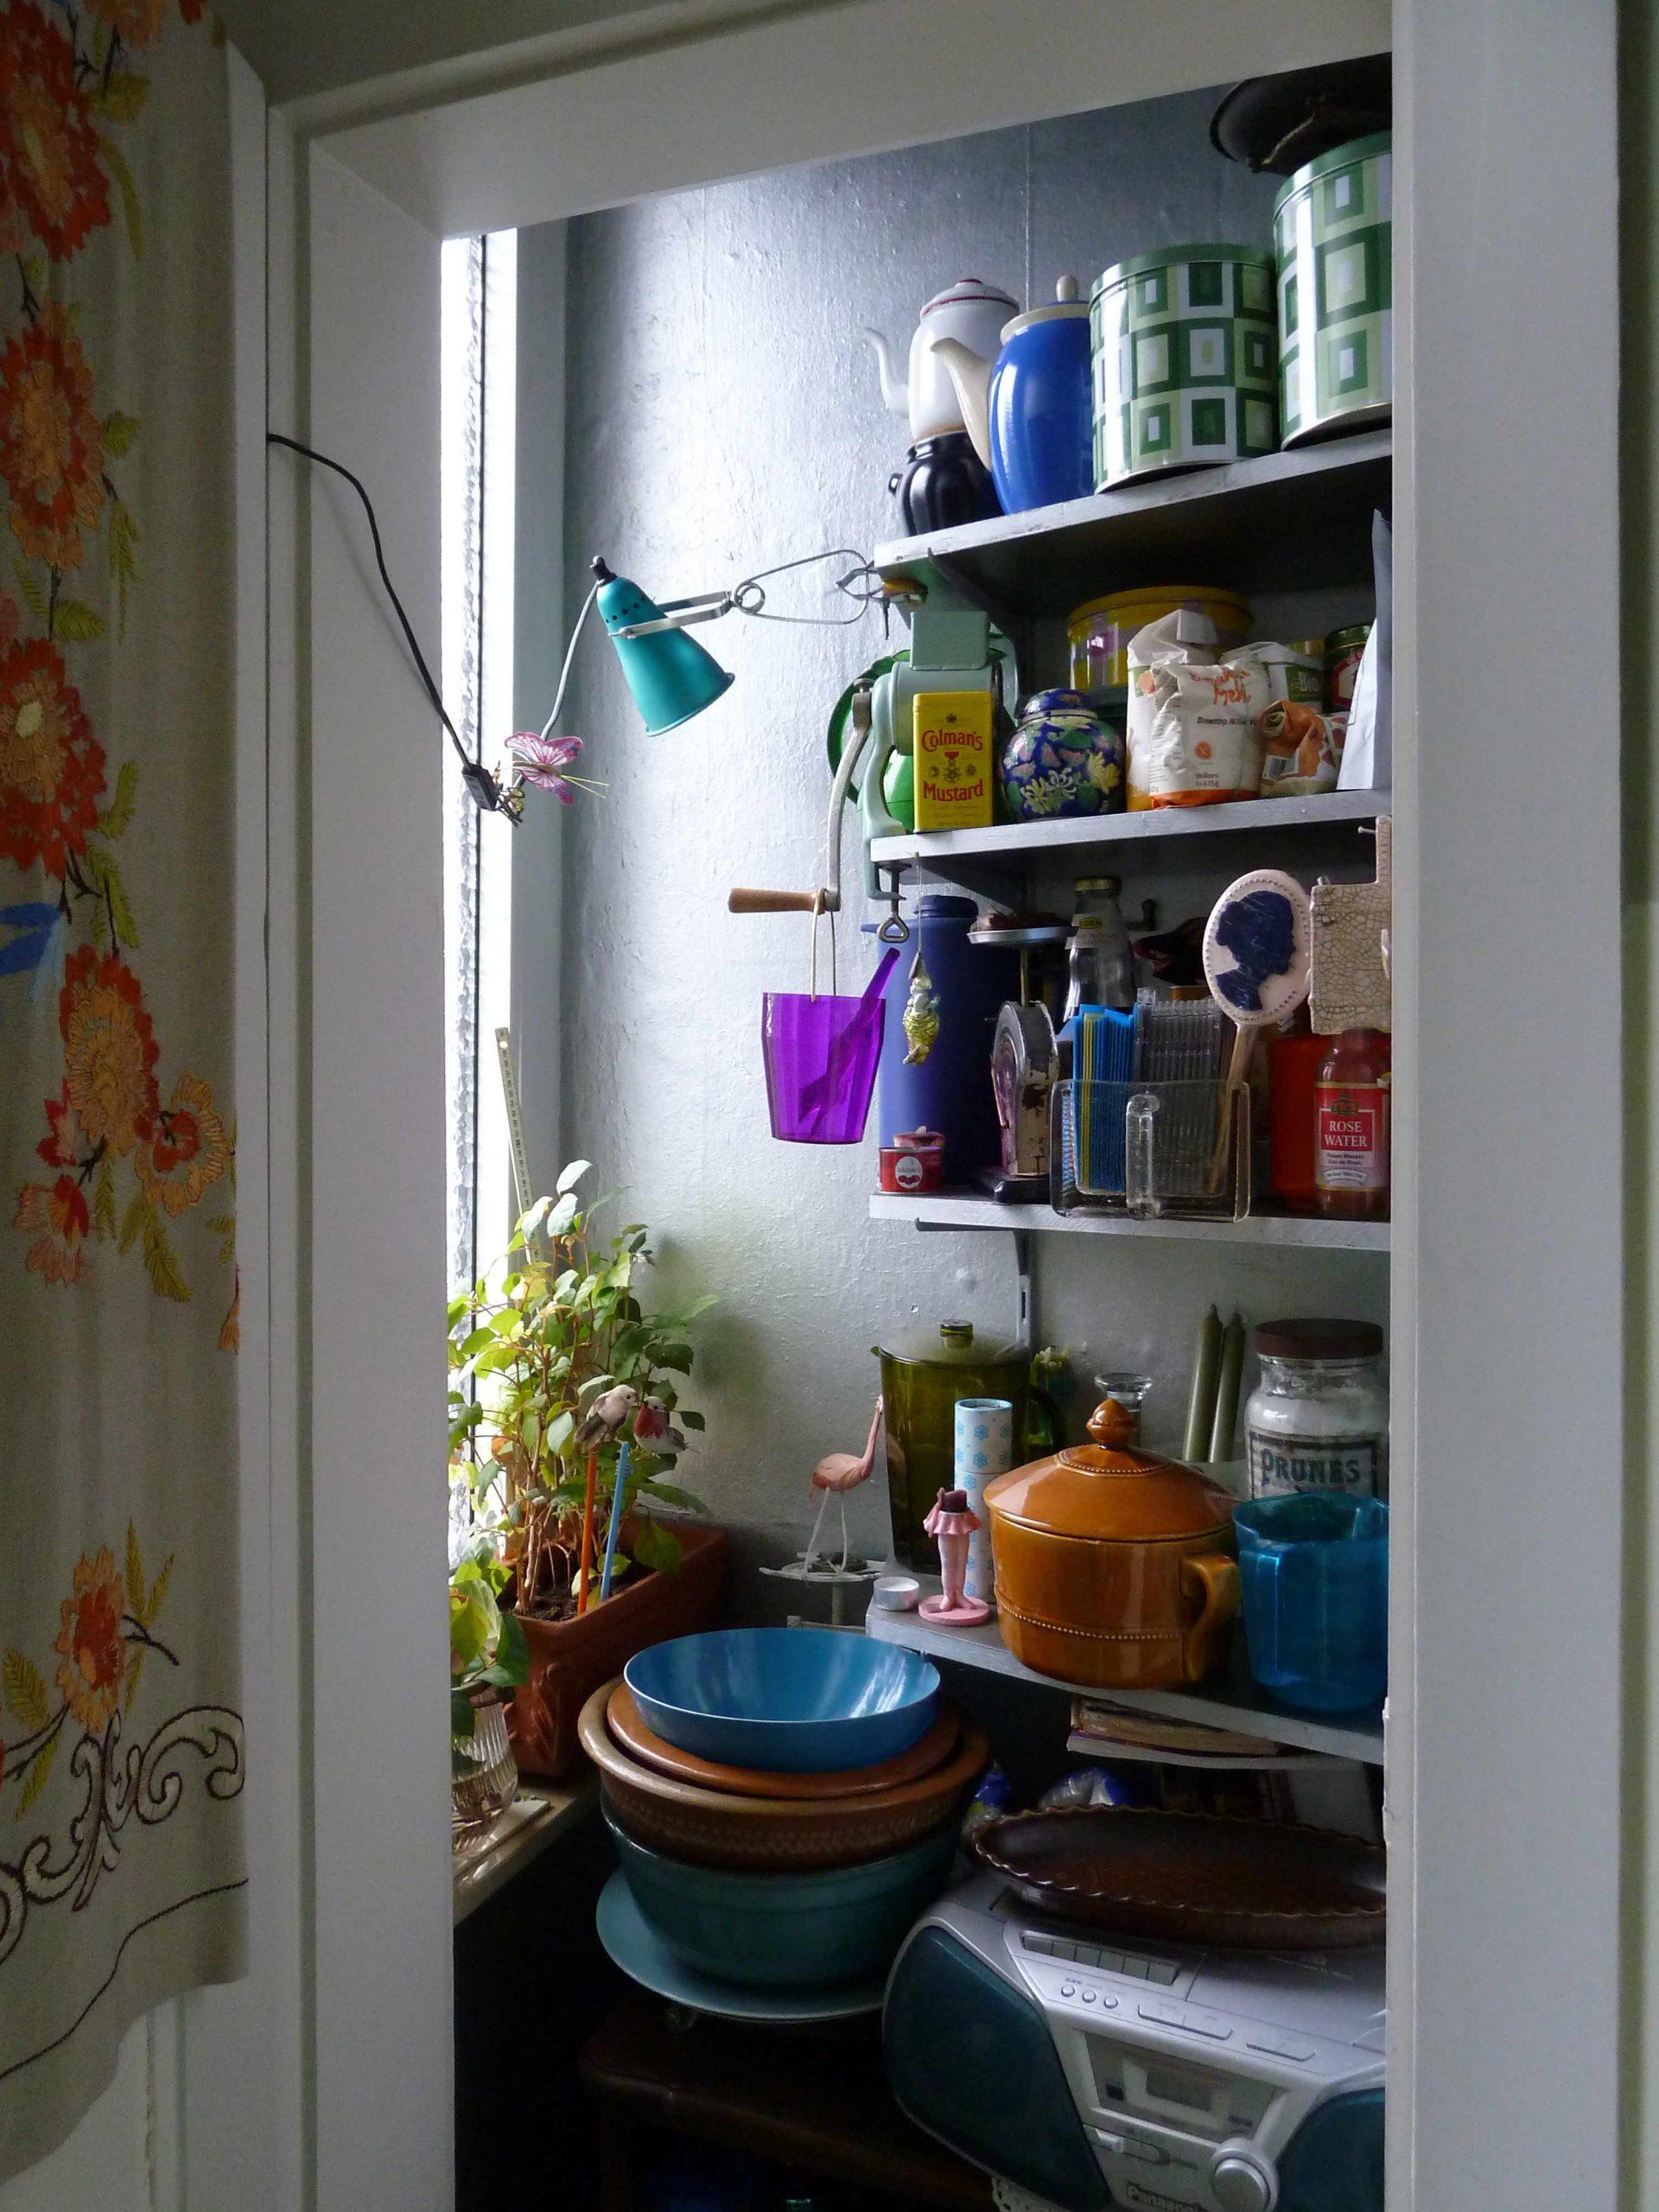 Kleinster Raum besonders wichtig: Speisekammer mit Regallen voller Dosen und Sachen